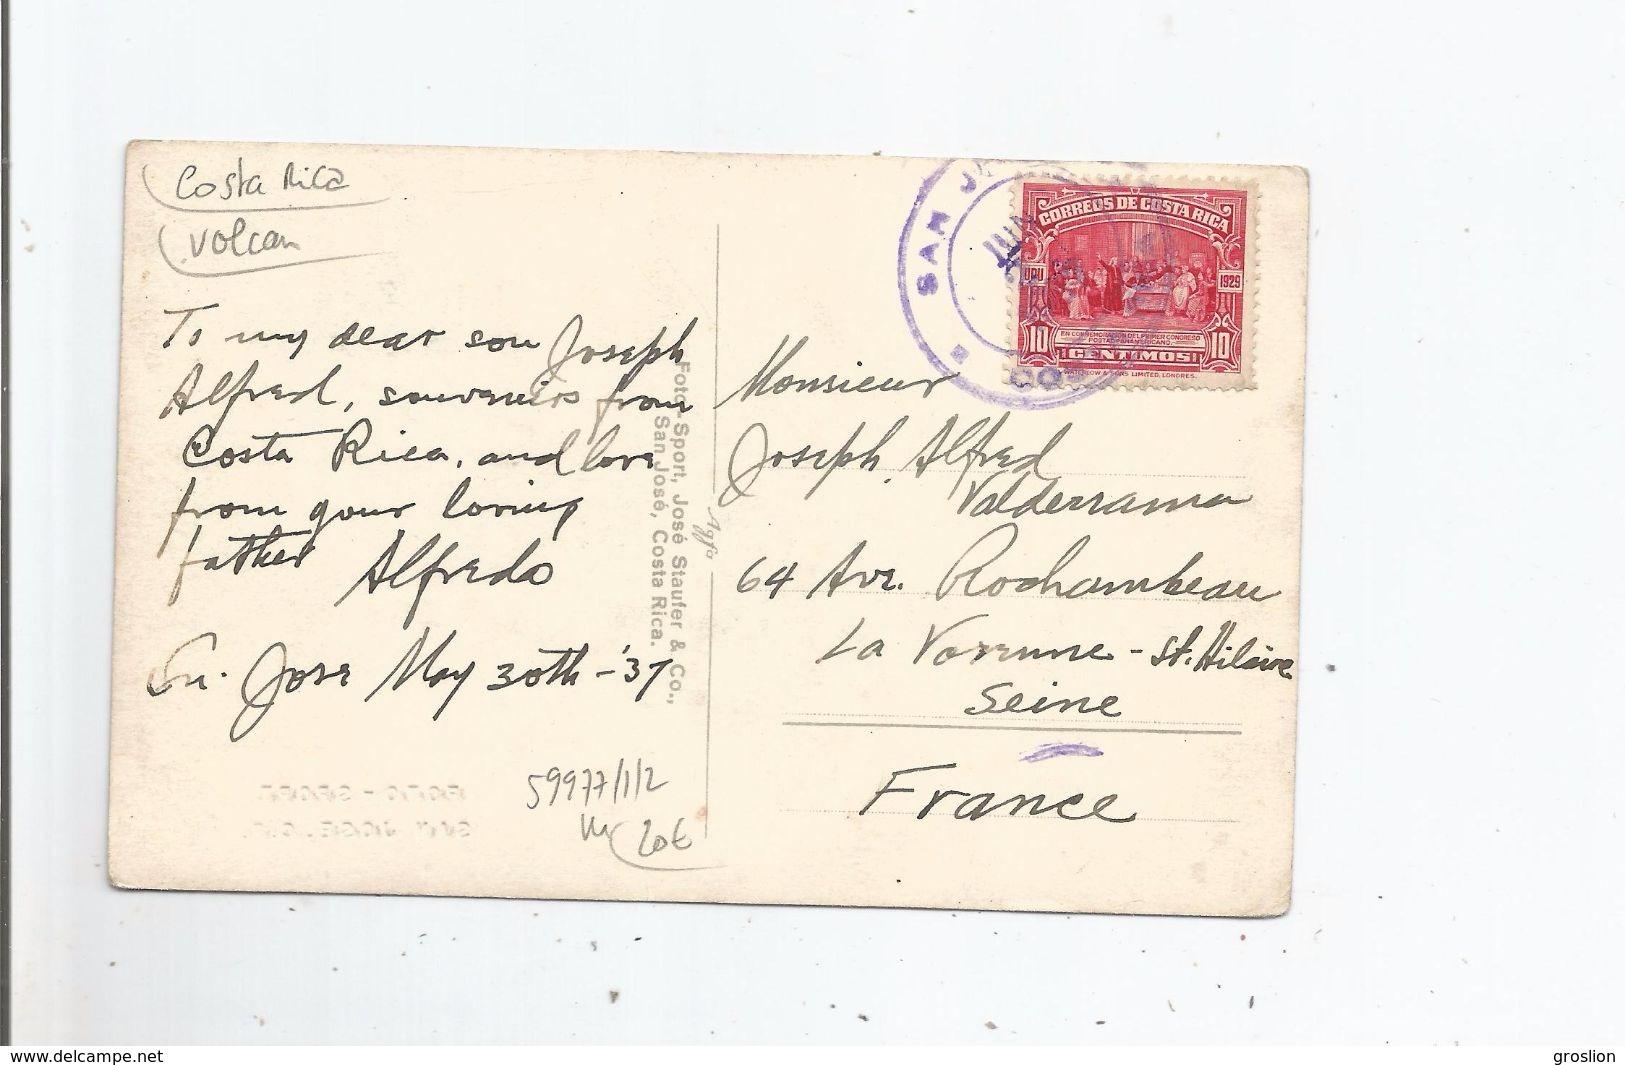 COSTA RICA CRATER VOLCAN IRAZU 1937 - Costa Rica